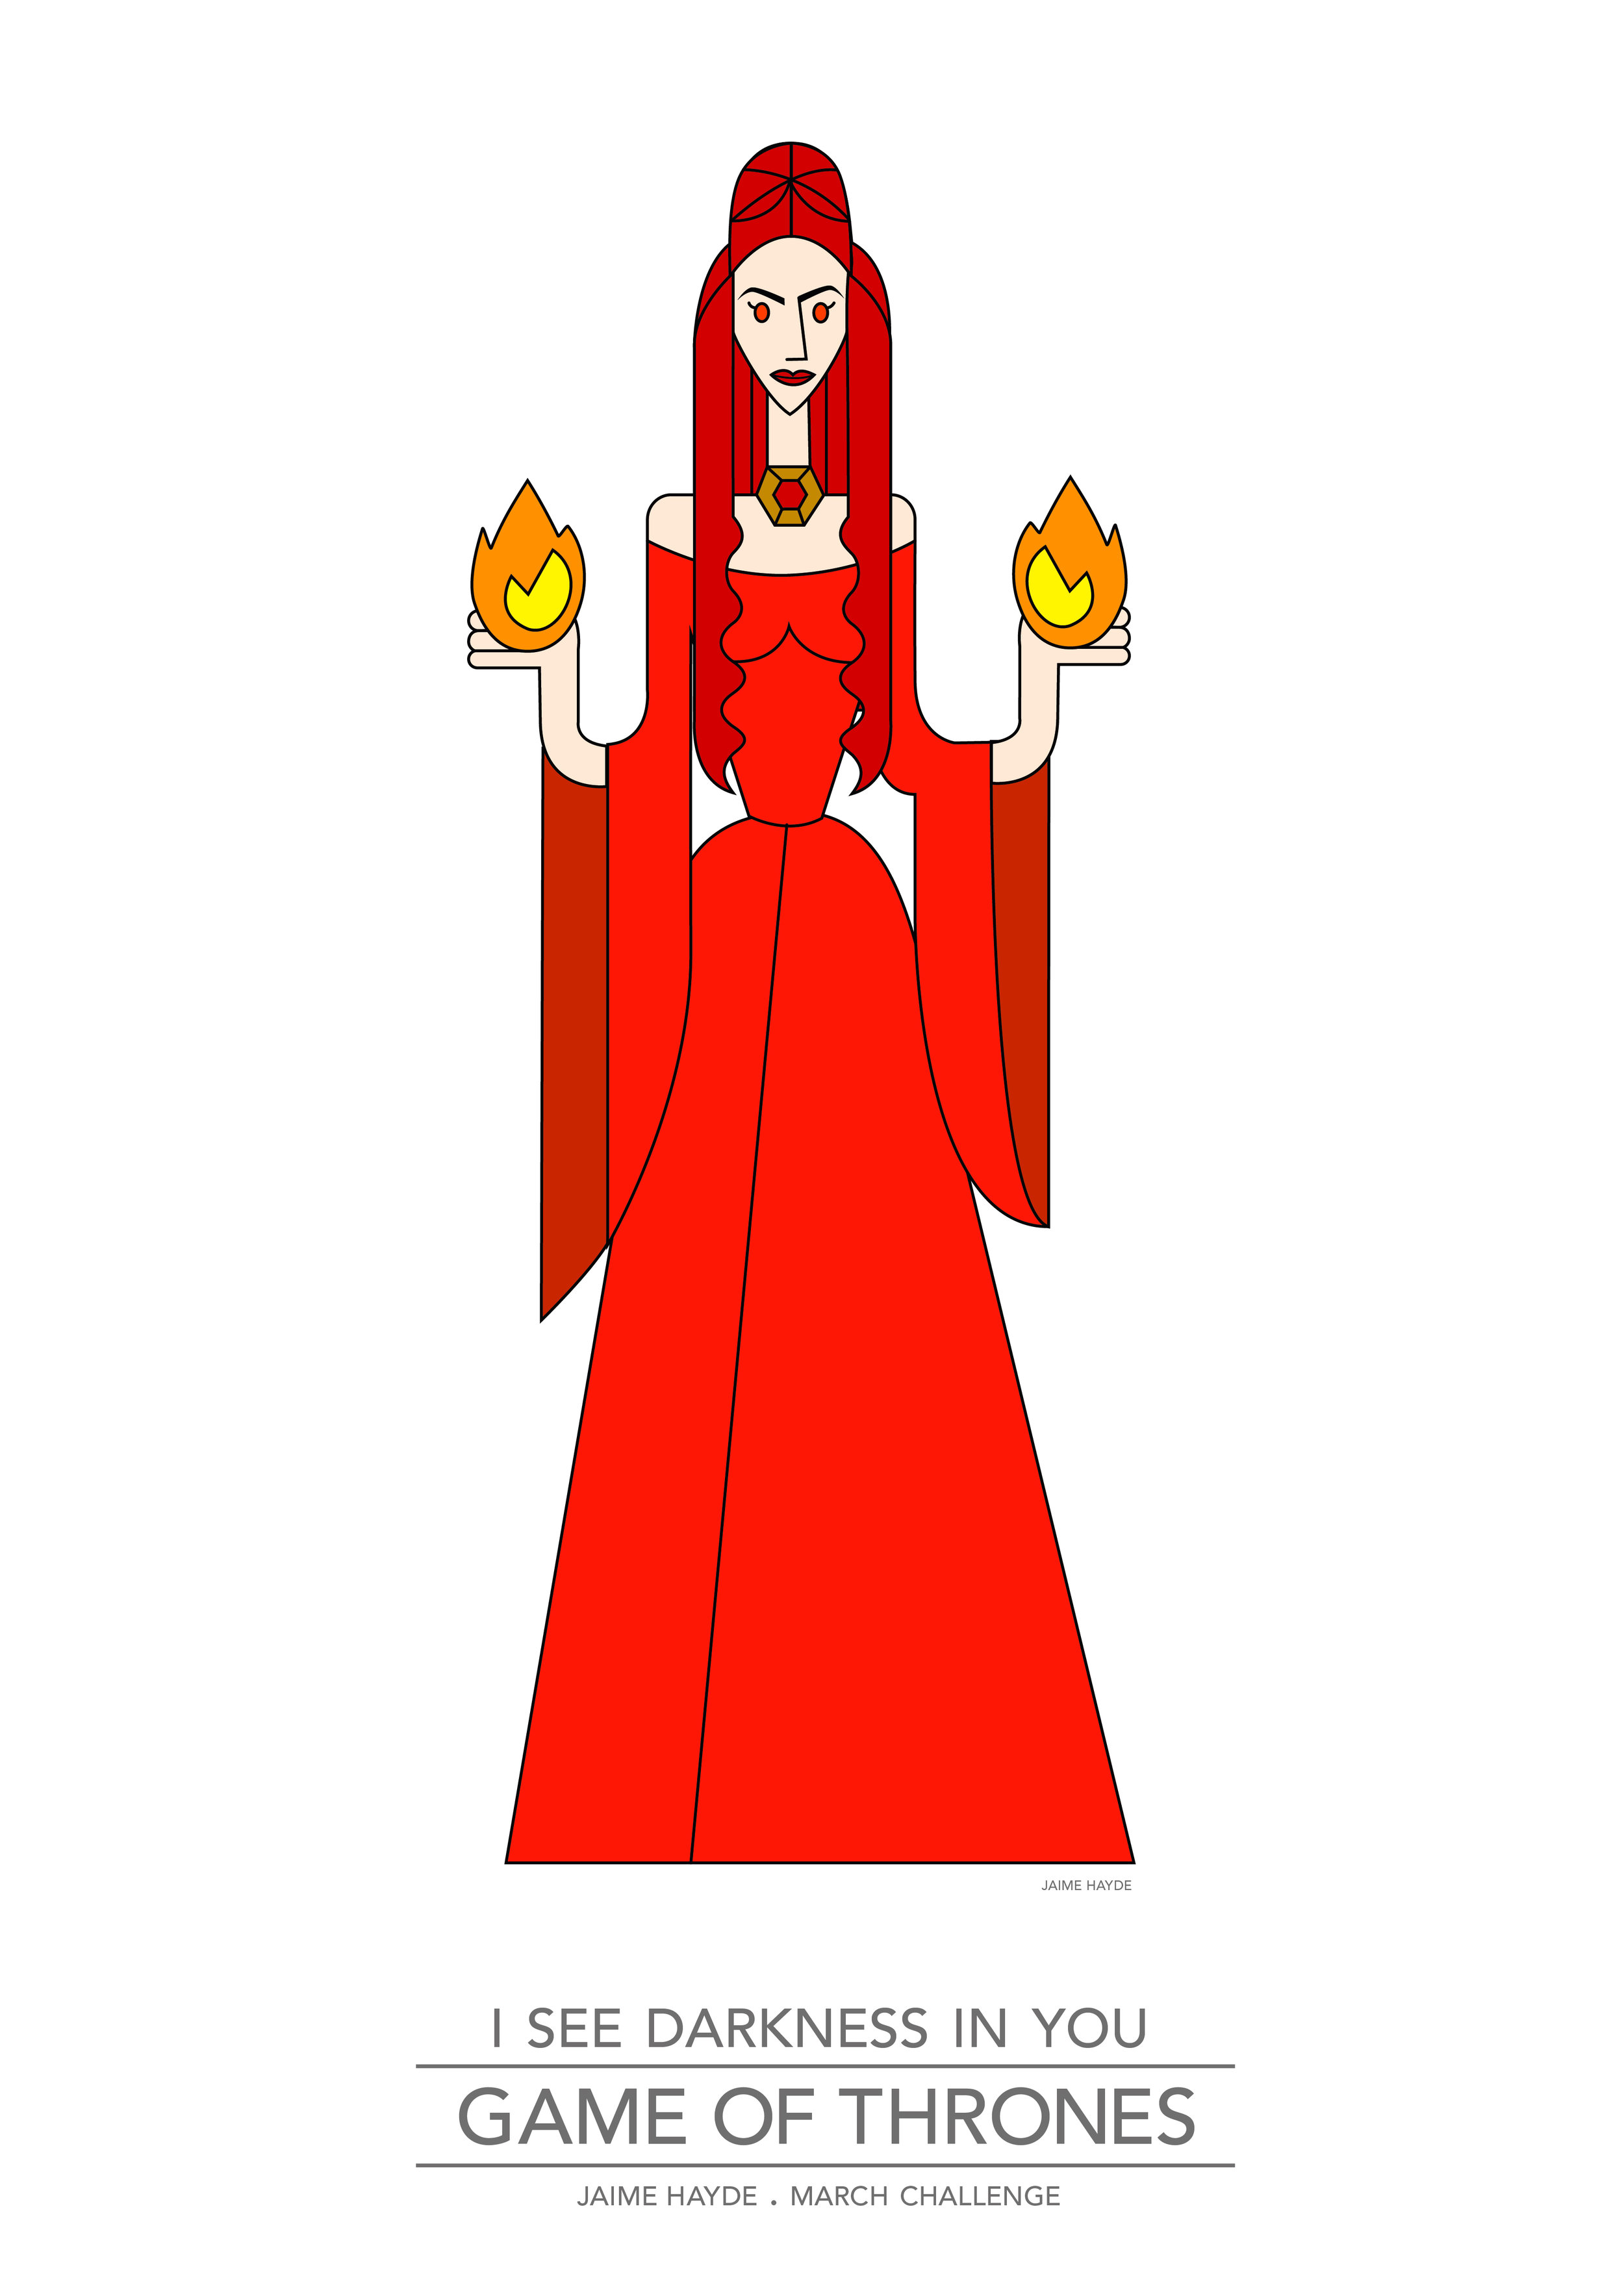 Game-of-thrones-Juego-de-tronos-lady melissandre.jpg